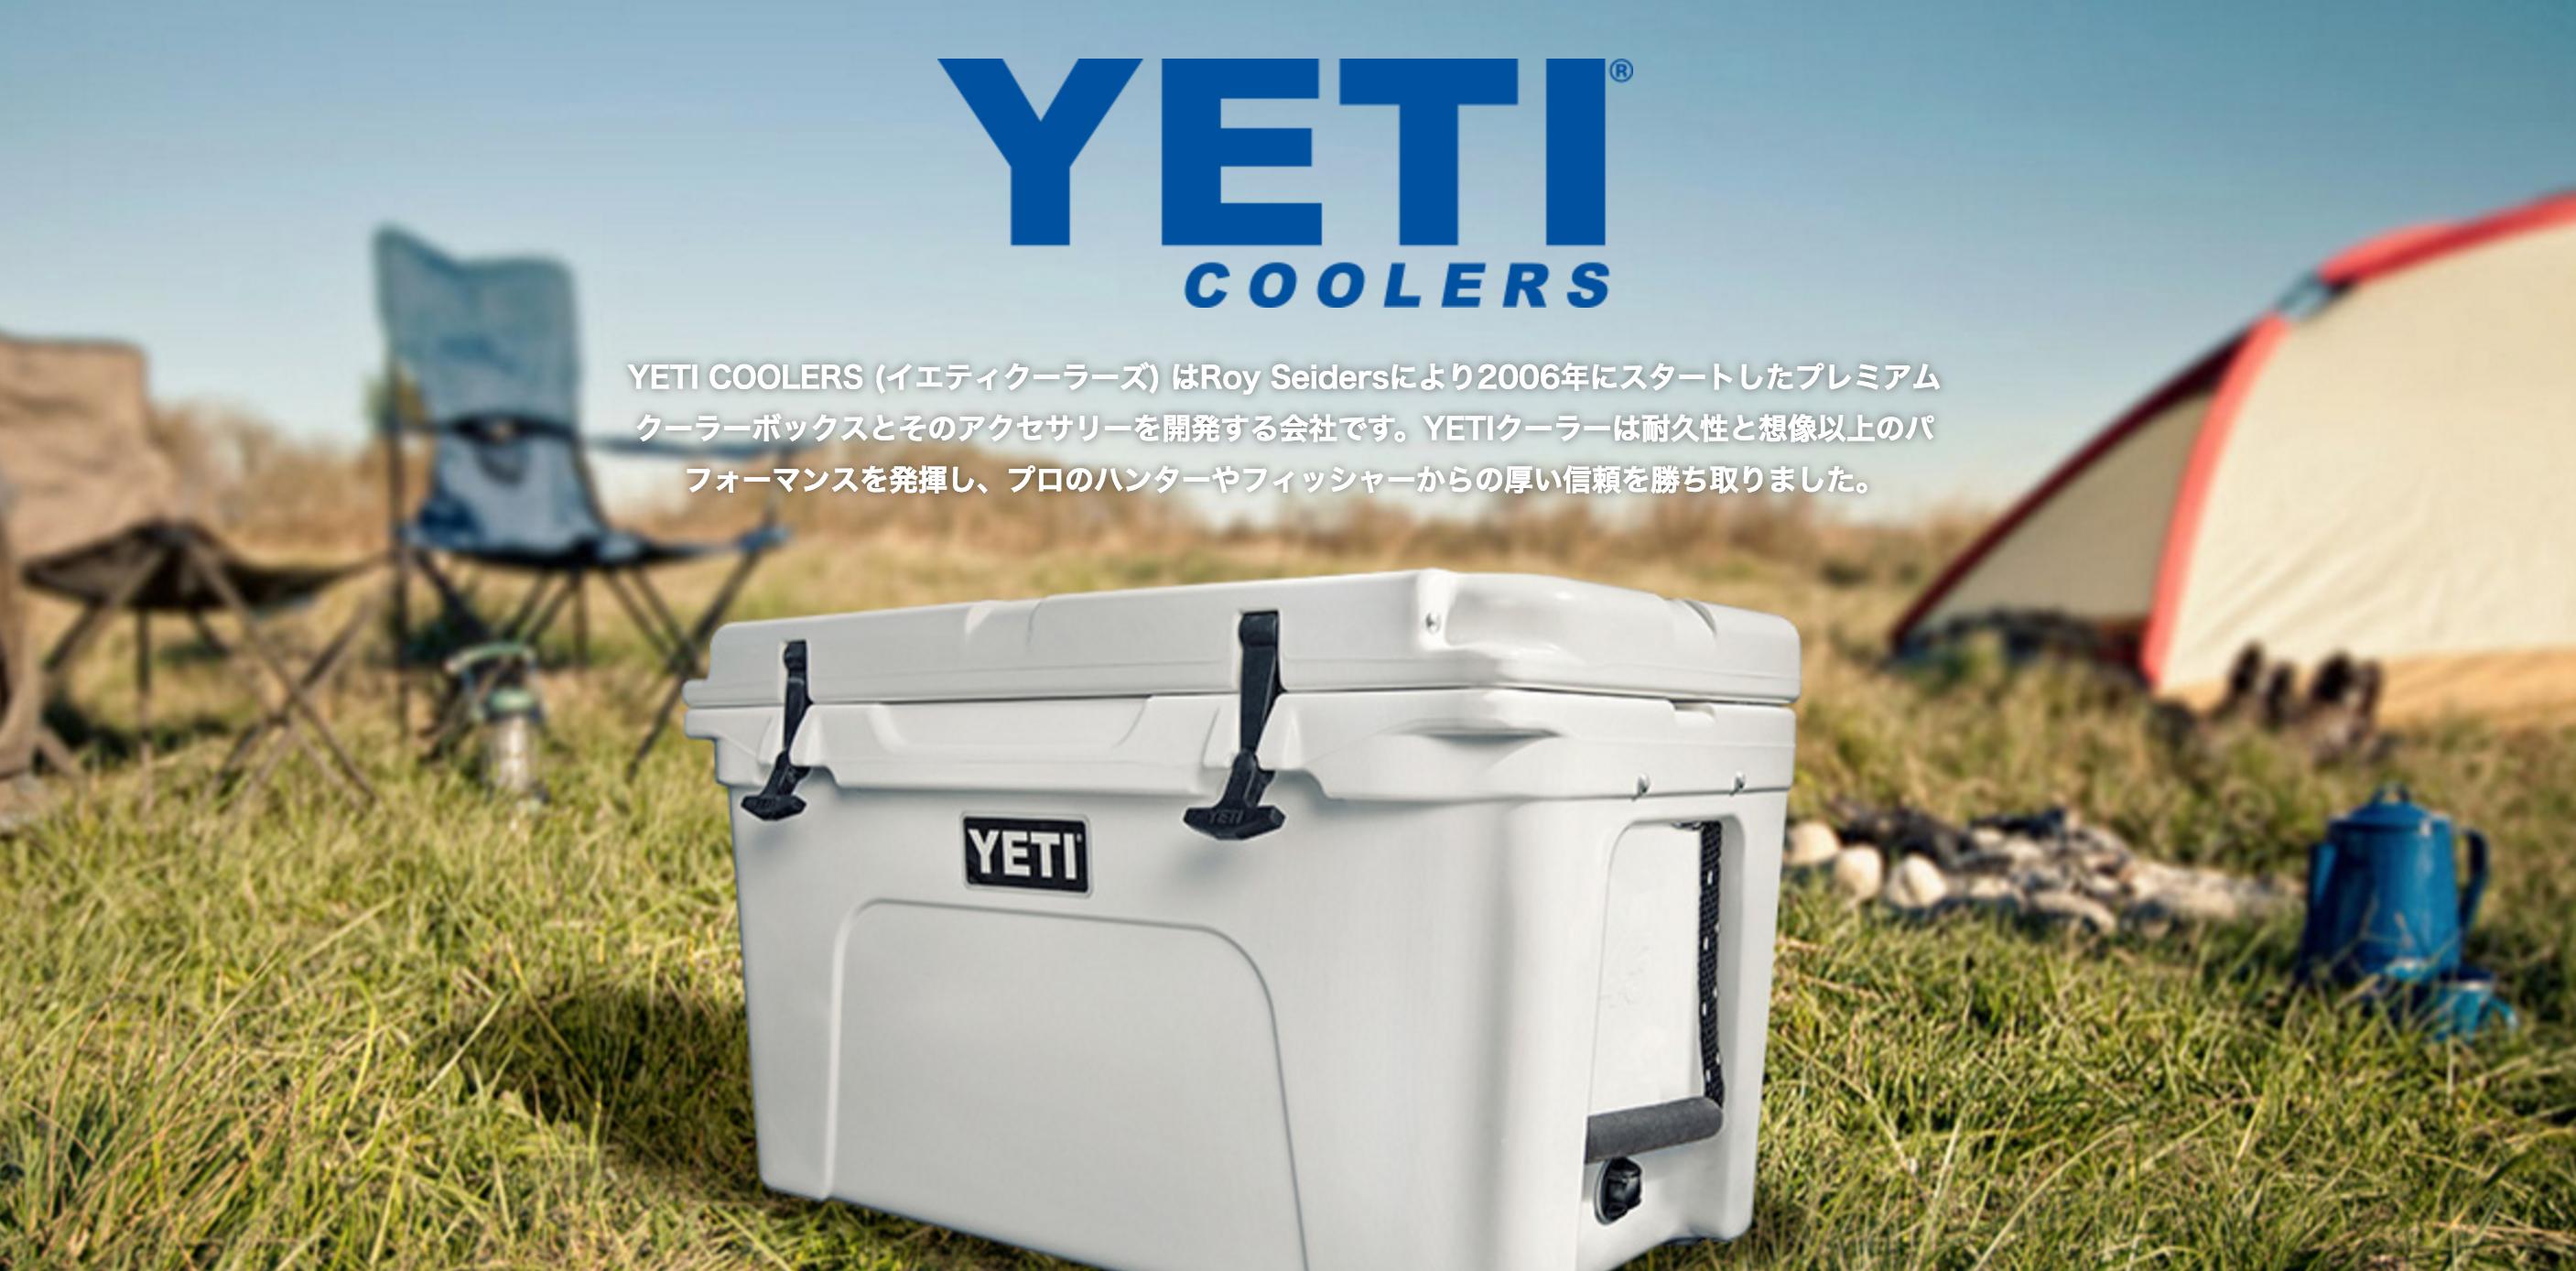 イエティ クーラーズ(YETI Coolers)]高級極厚クーラー